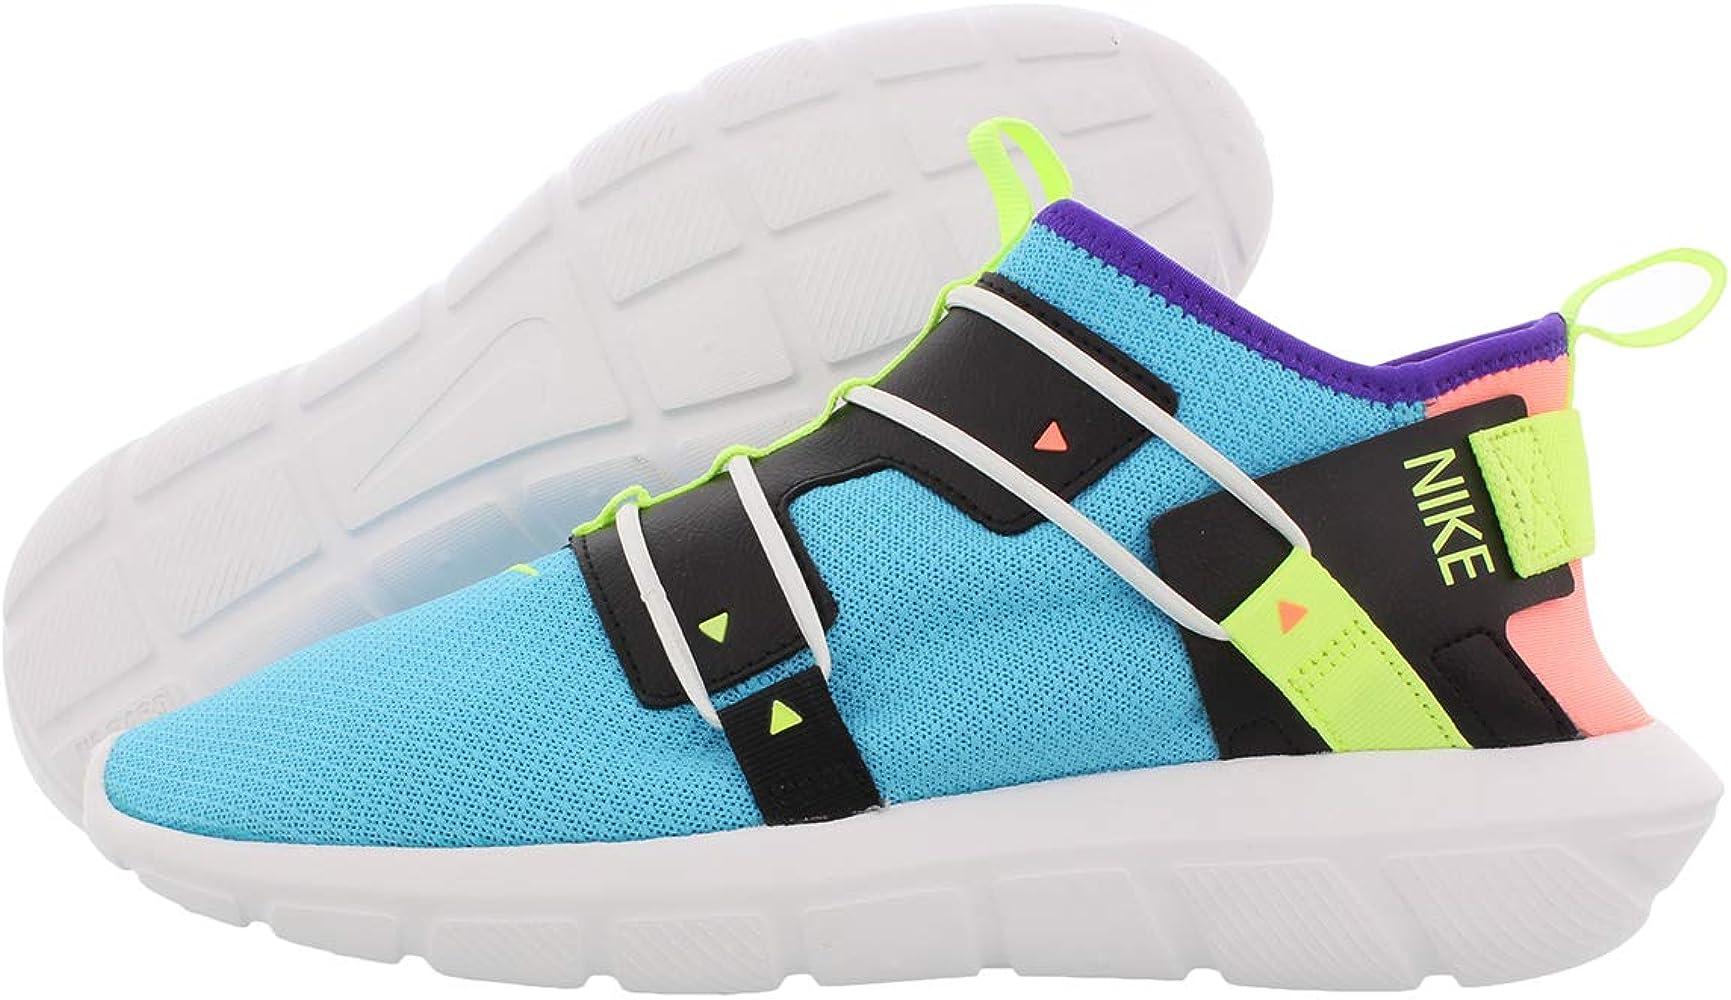 Nike Vortak Men's Running Shoes Lagoon